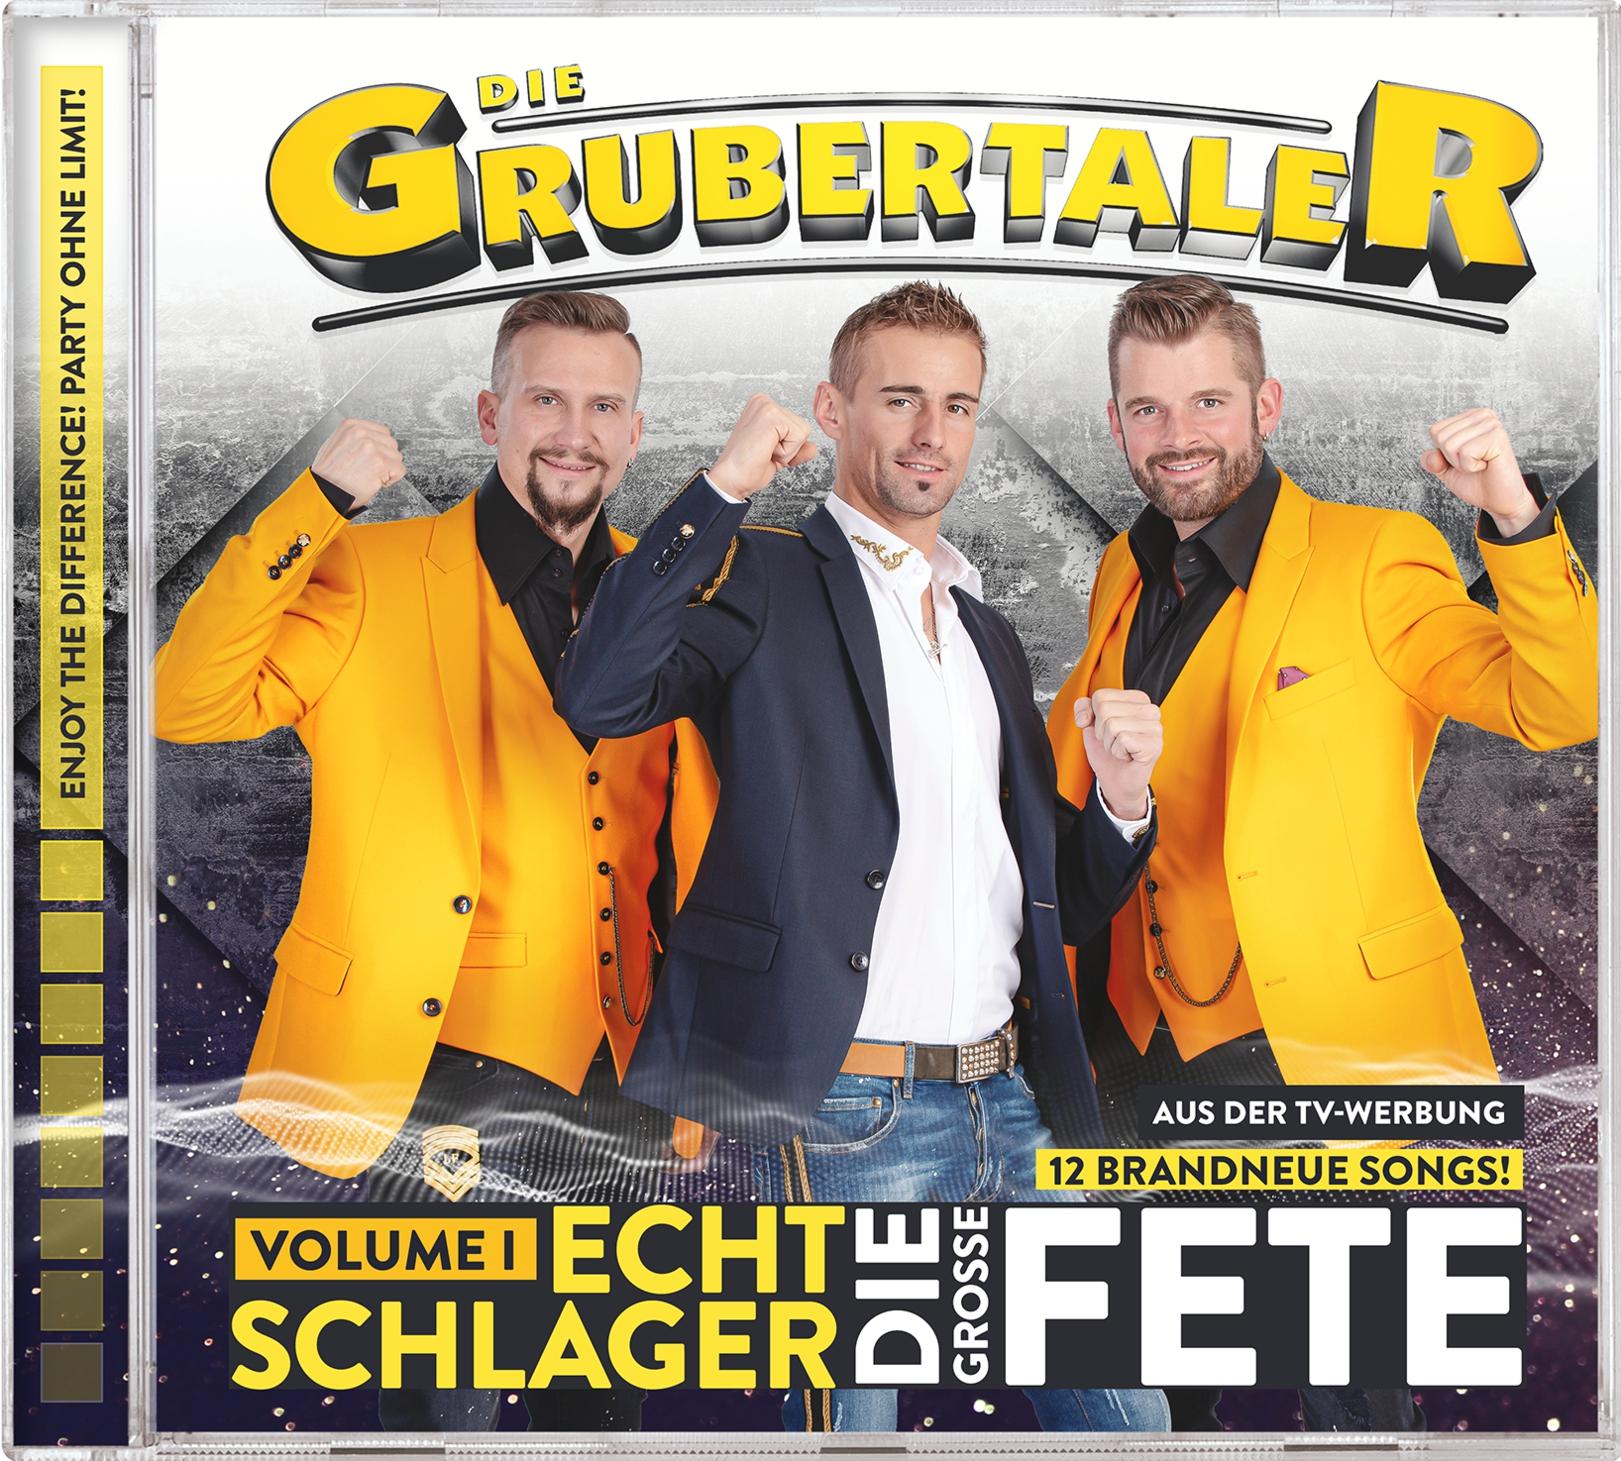 DIE GRUBERTALER * Echt Schlager - Die große Fete (Volume 1)  (CD)